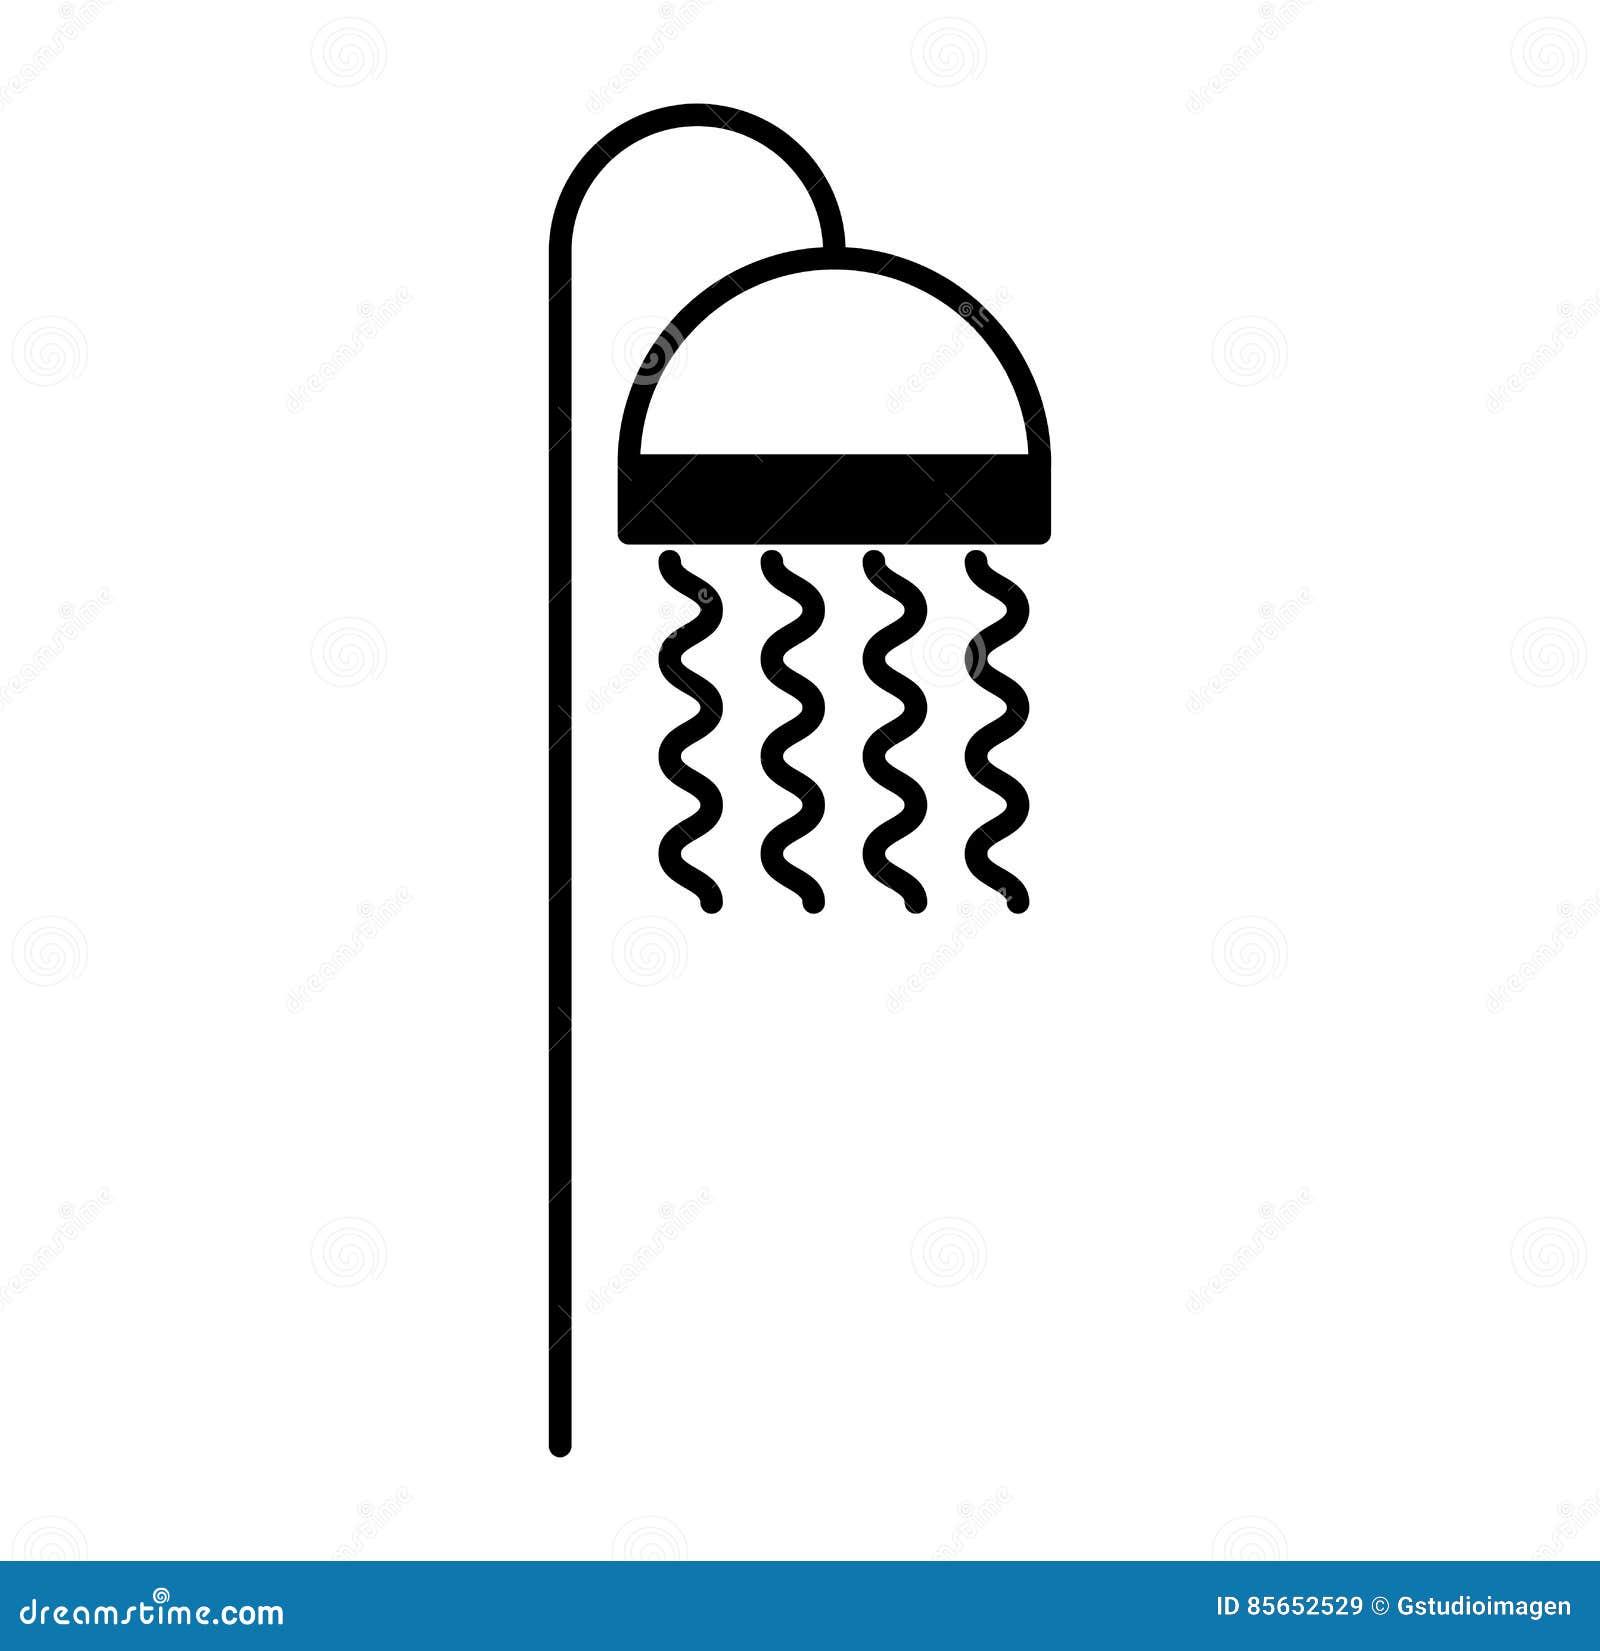 Badkuiptapkraan geïsoleerd pictogram